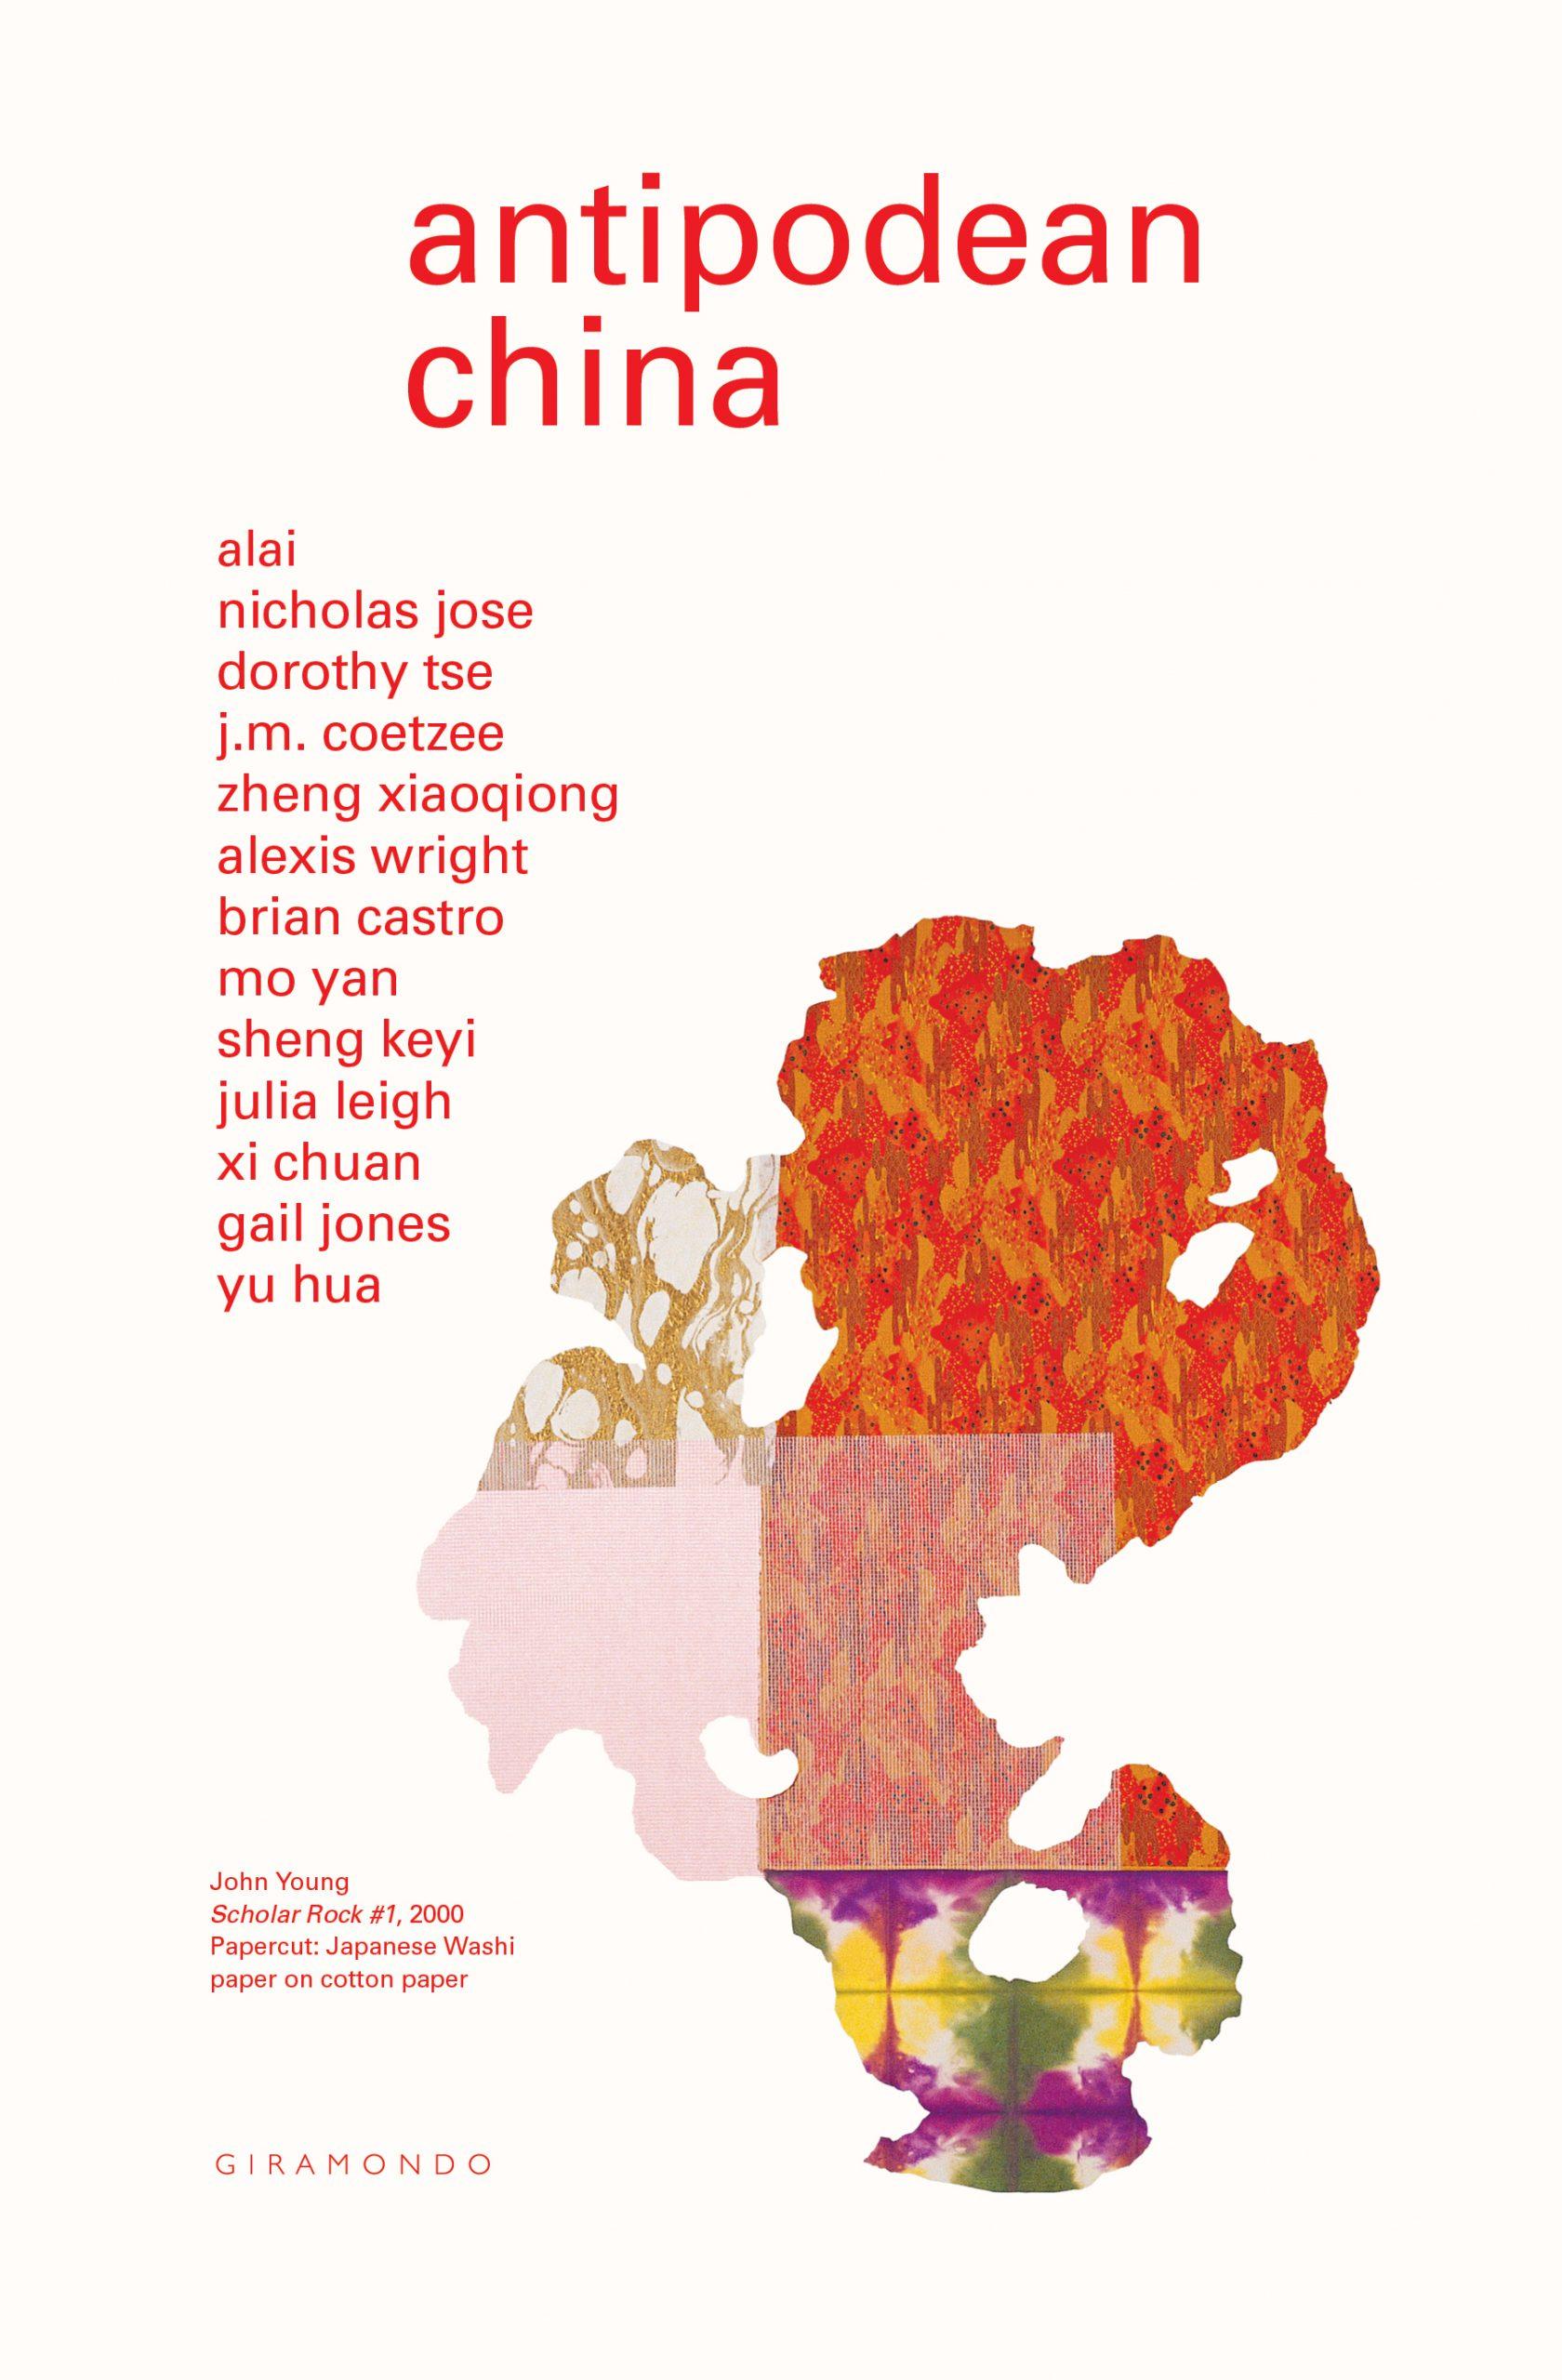 Antipodean China